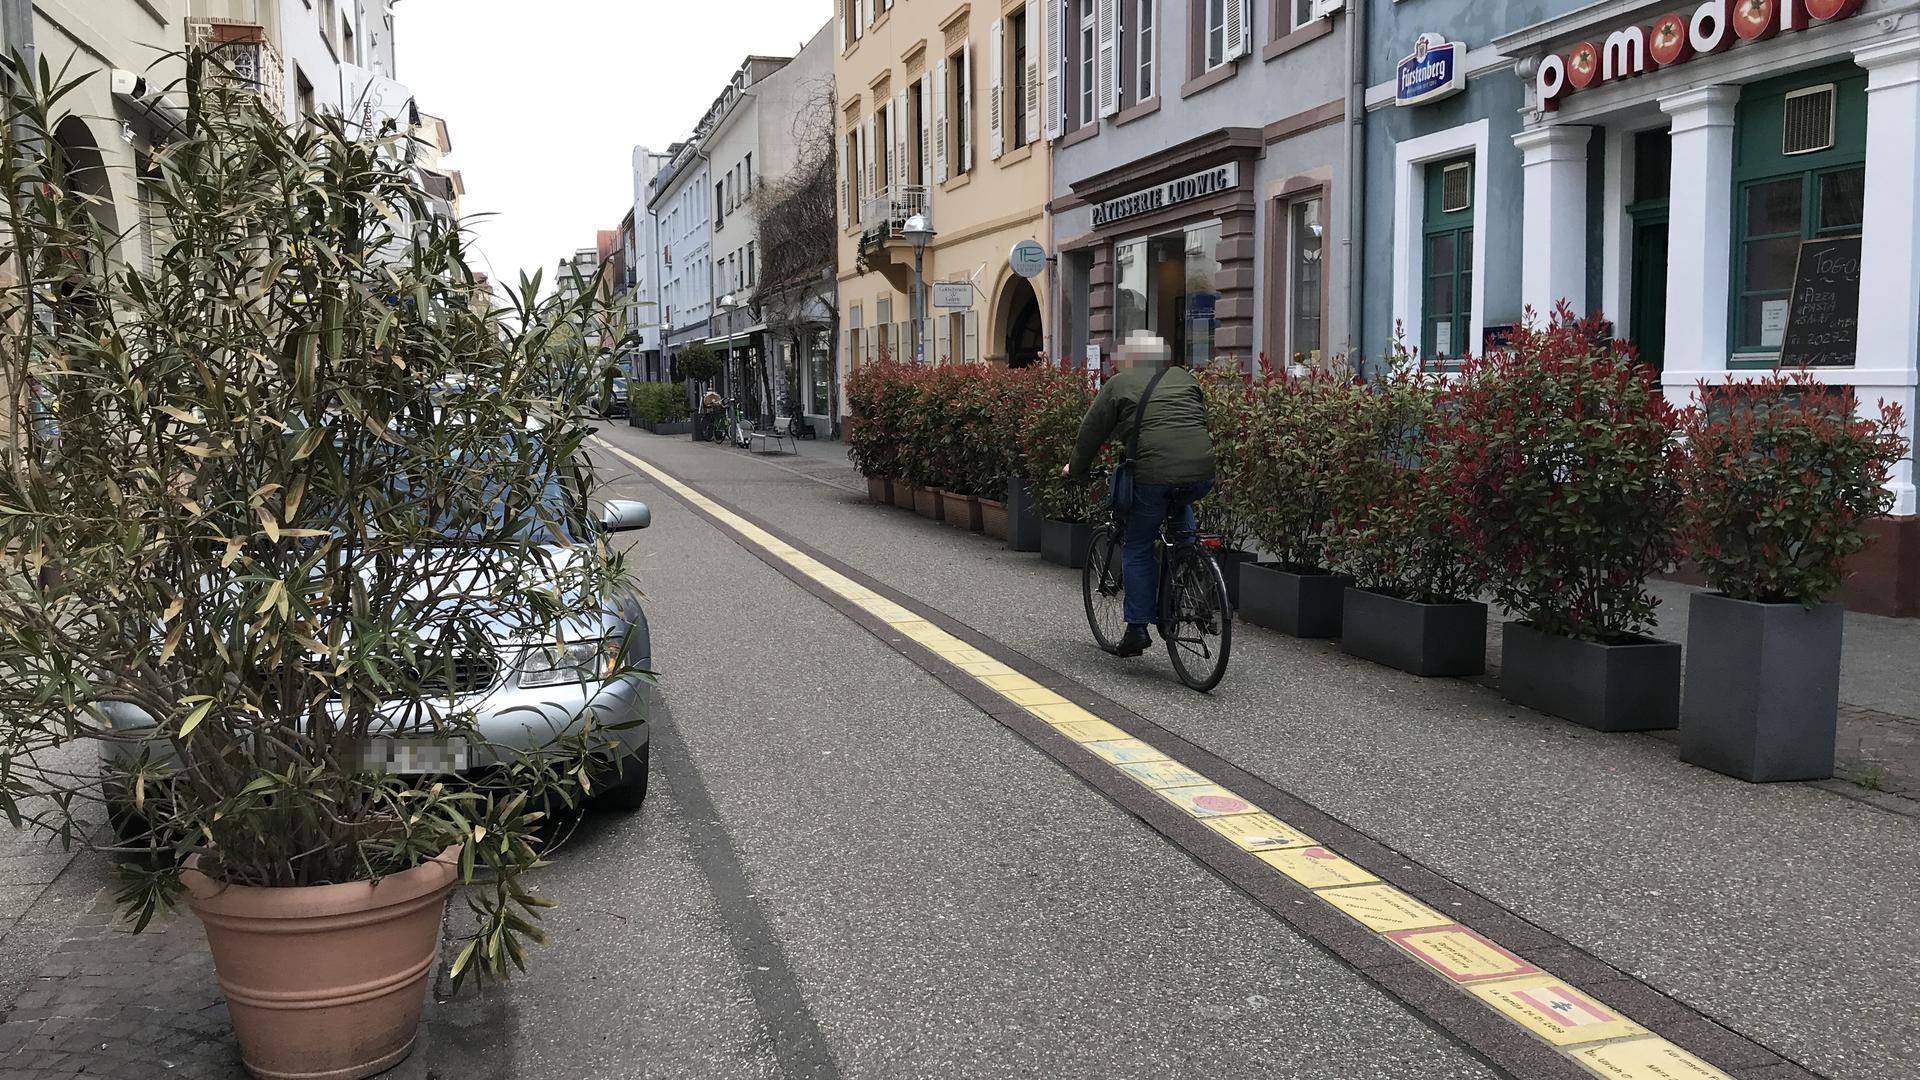 Zu viele Falschparker, zu schnelle Radfahrer: Darüber klagen Anwohner und Gewerbetreibende in der südlichen Waldstraße.